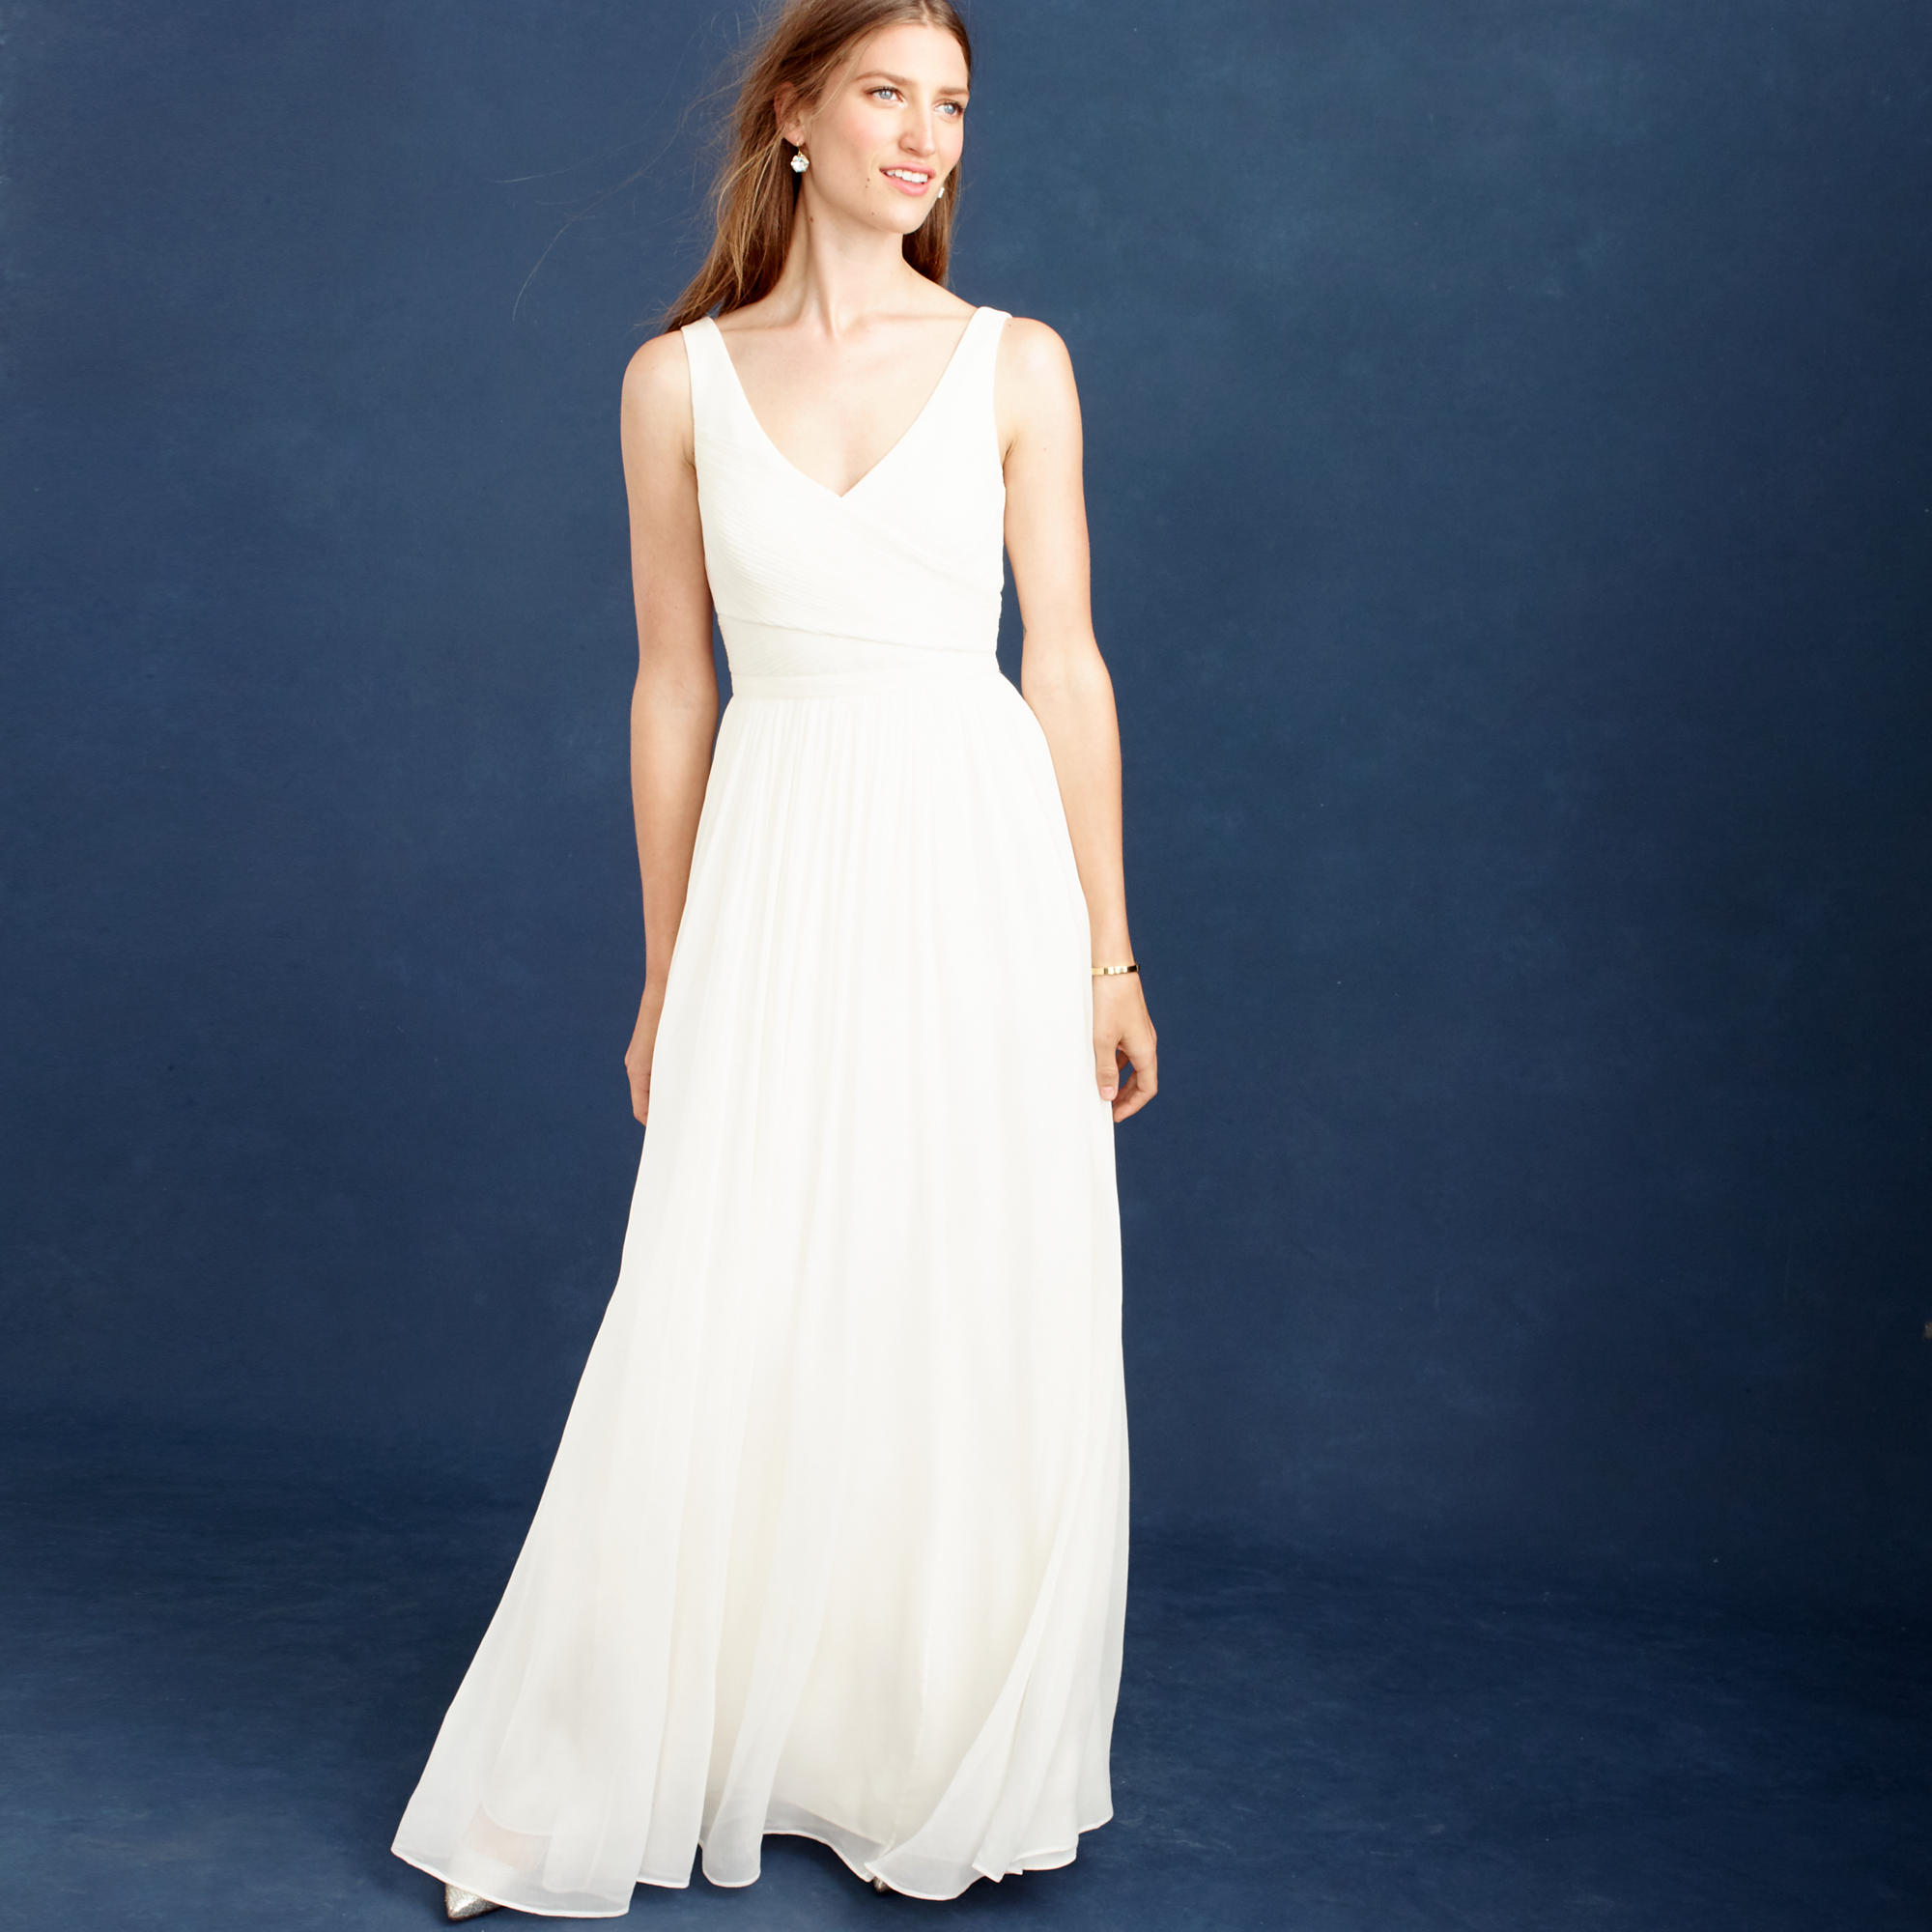 j and j wedding dresses j mendel wedding dress J Mendel Spring Collection Bridal Fashion Week